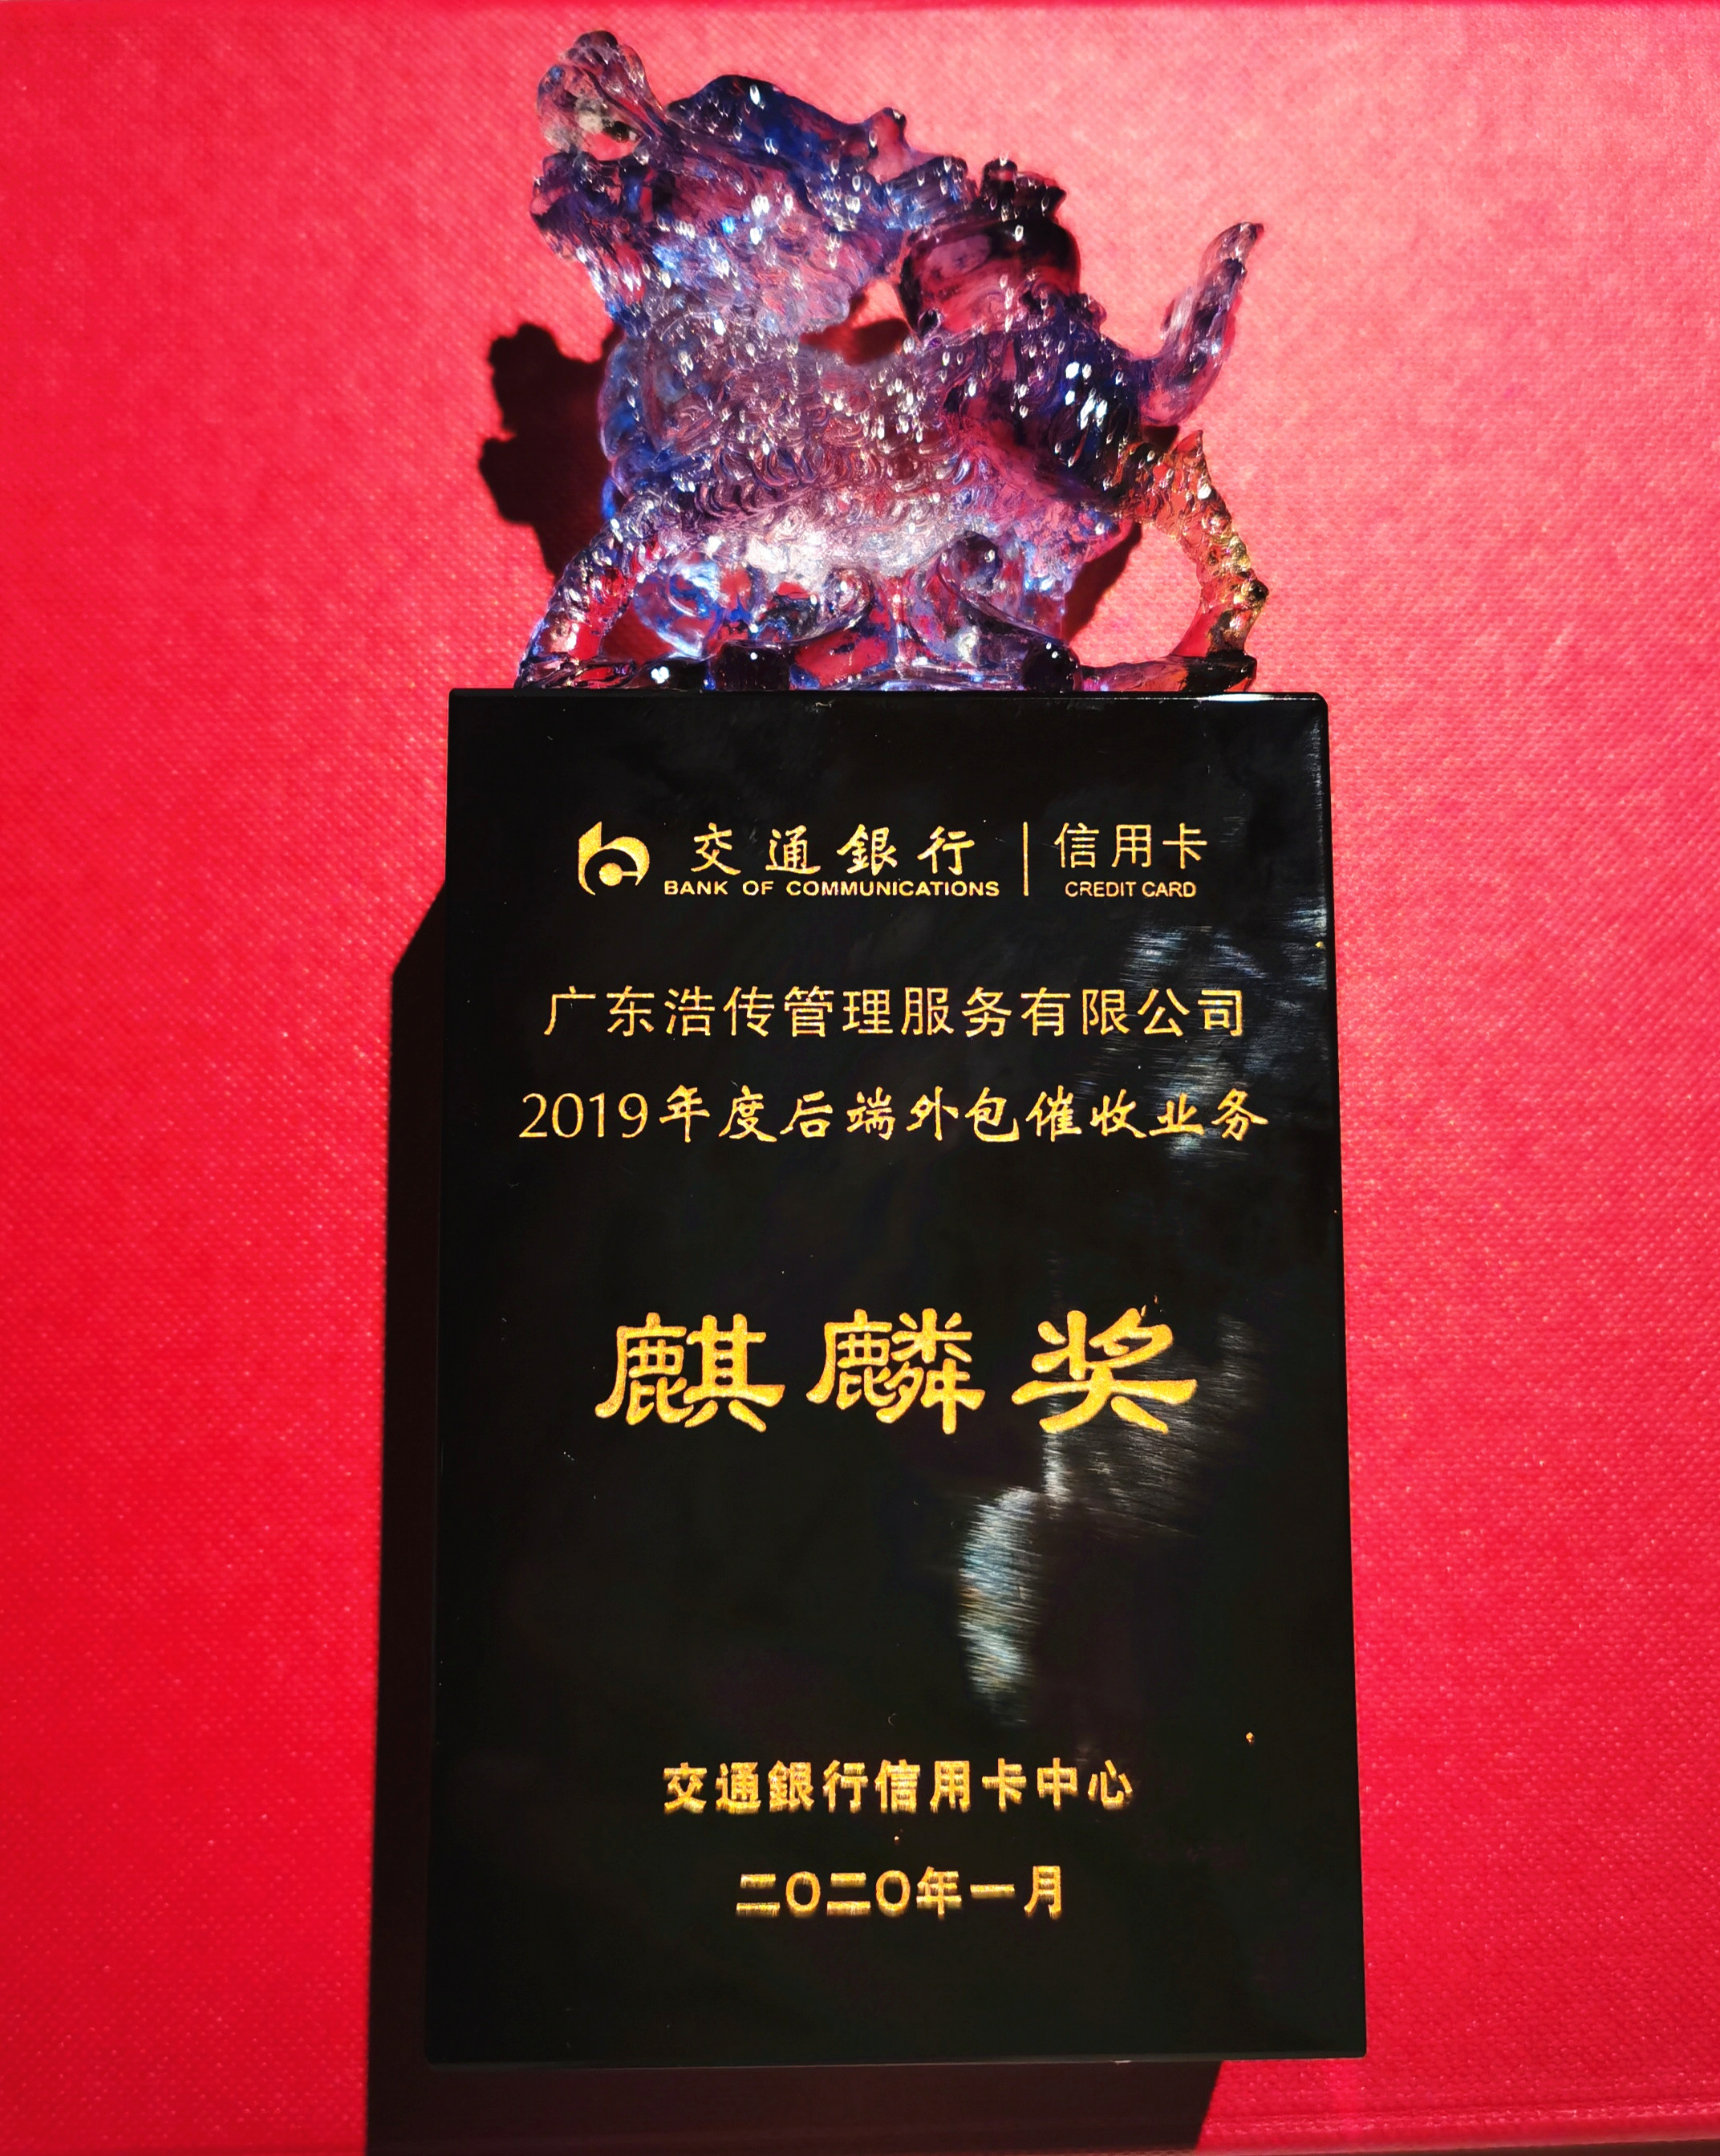 2019年度交通銀行麒麟獎